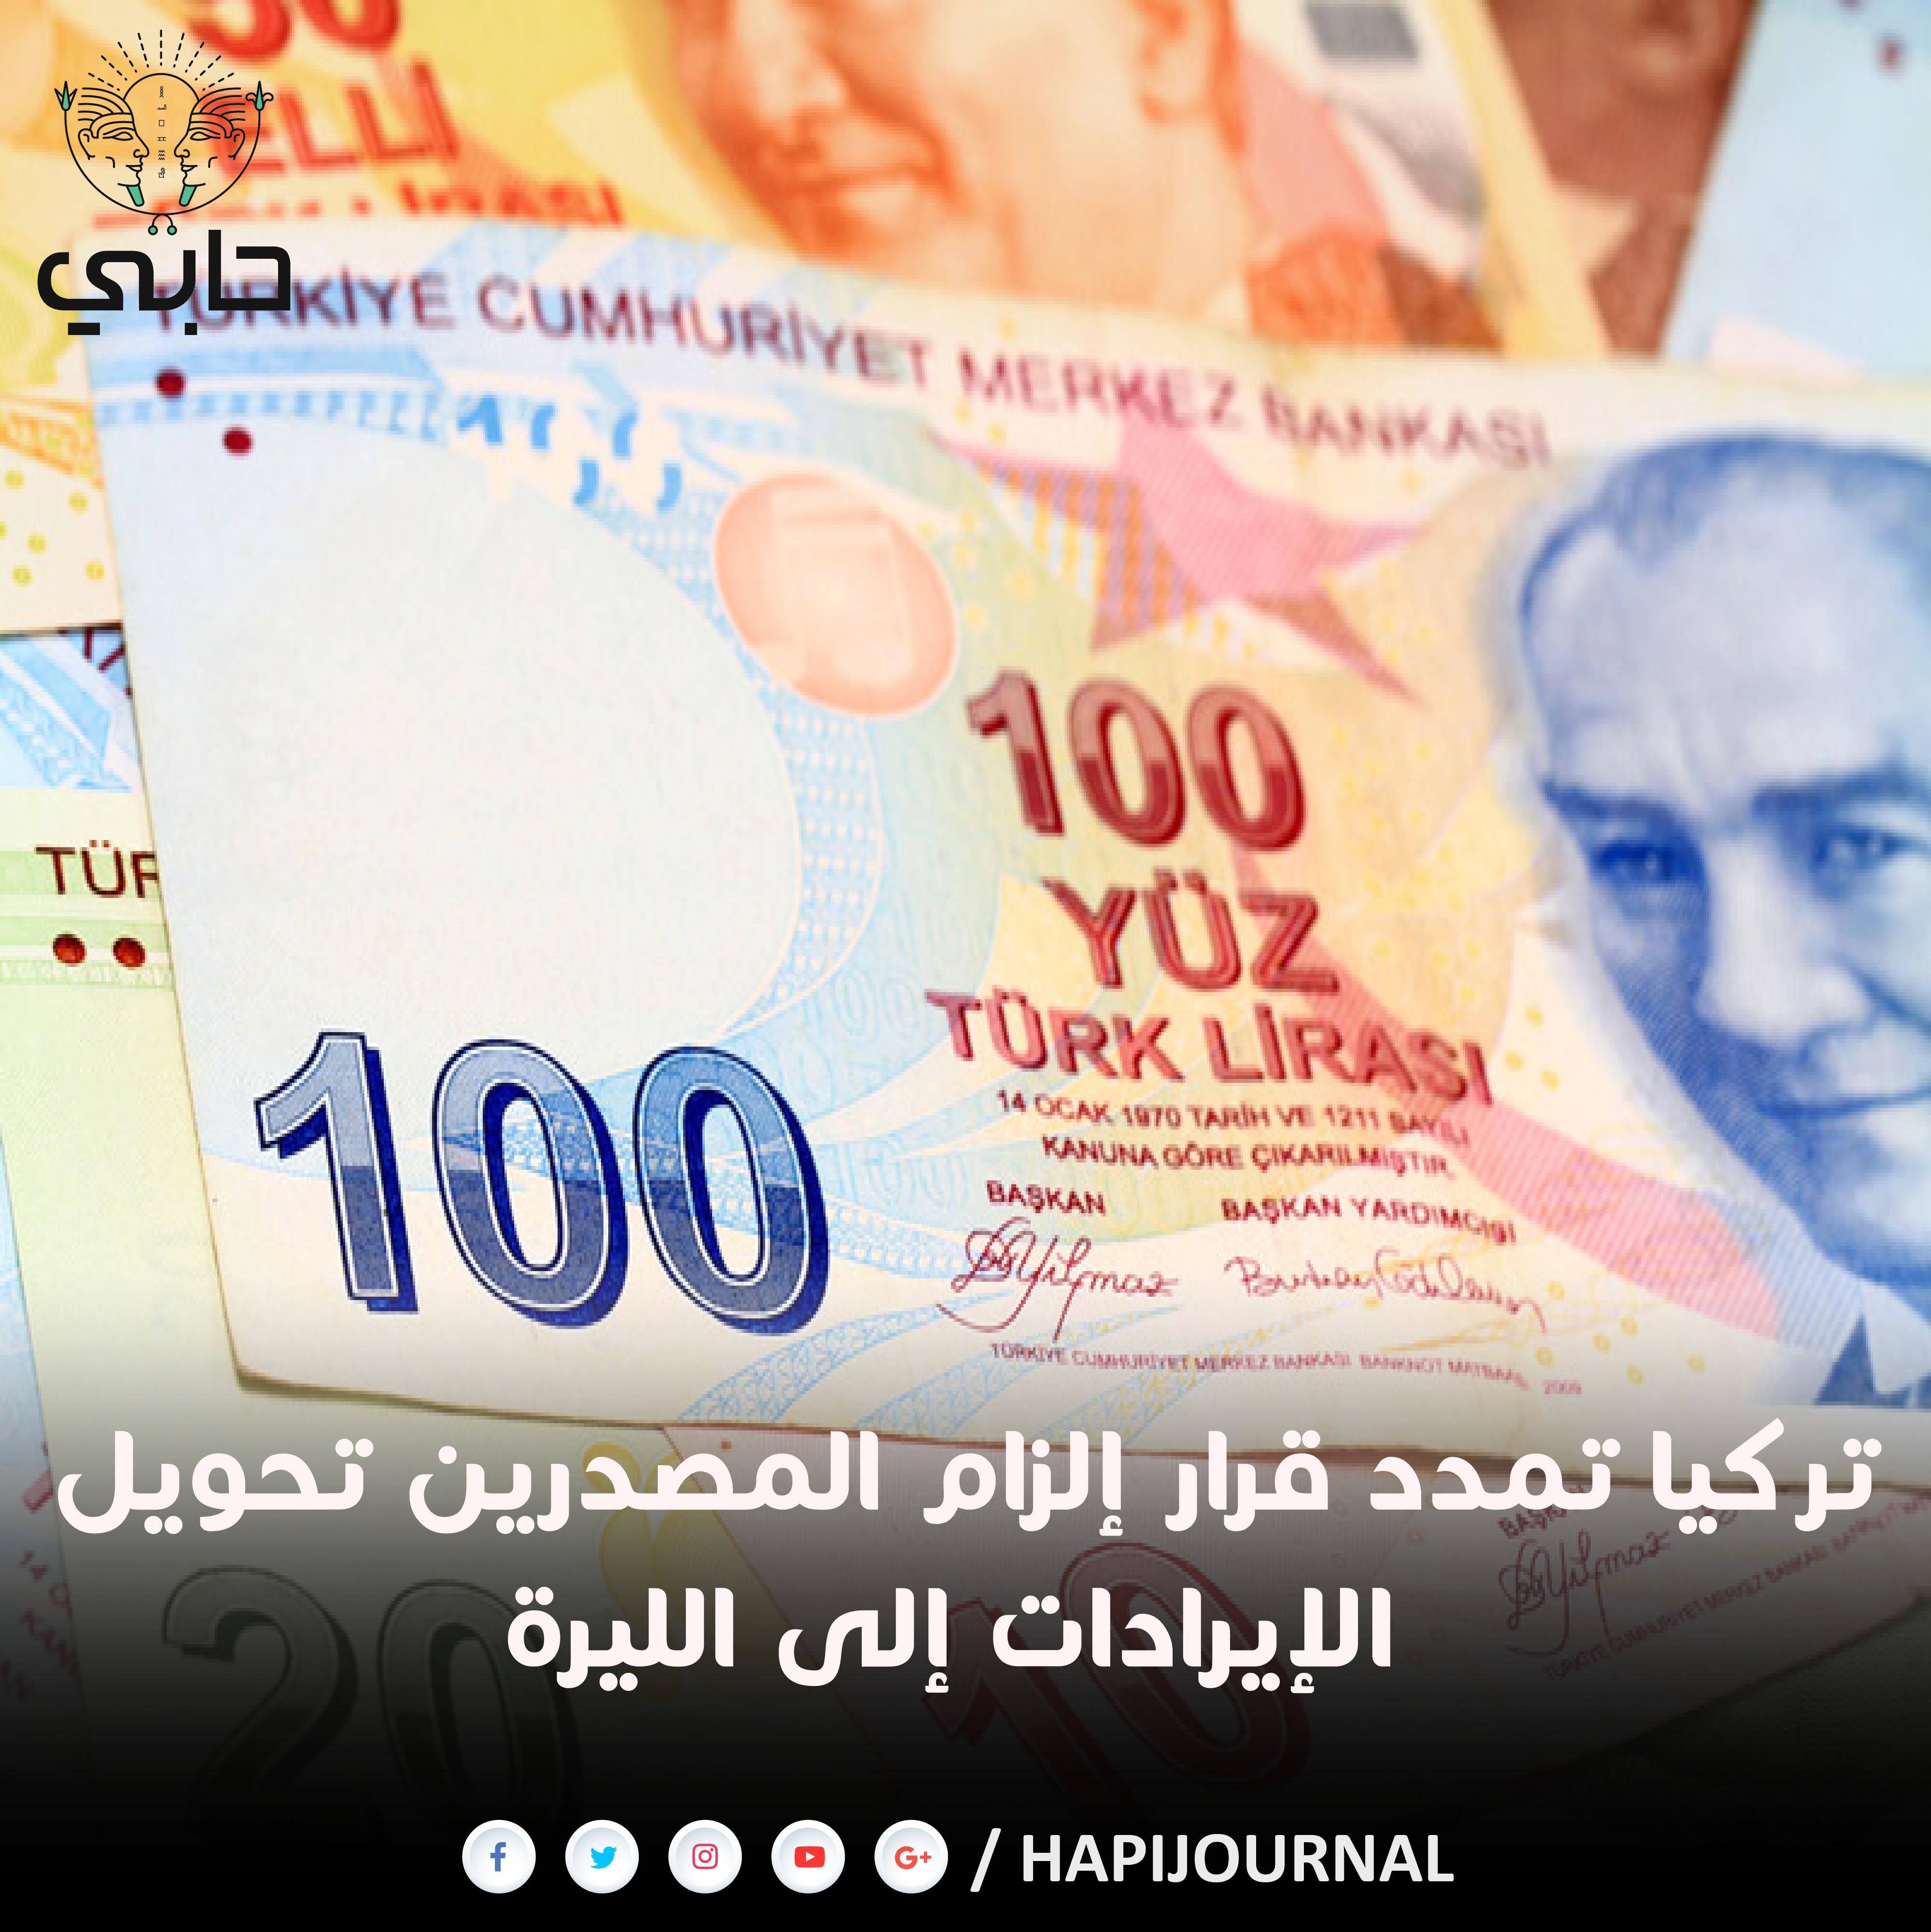 تركيا تمدد قرار إلزام المصدرين تحويل الإيرادات إلى الليرة اخبار مصر القاهرة سوق مال تركيا الليرة إيراد Convenience Store Products Convenience Store Pill